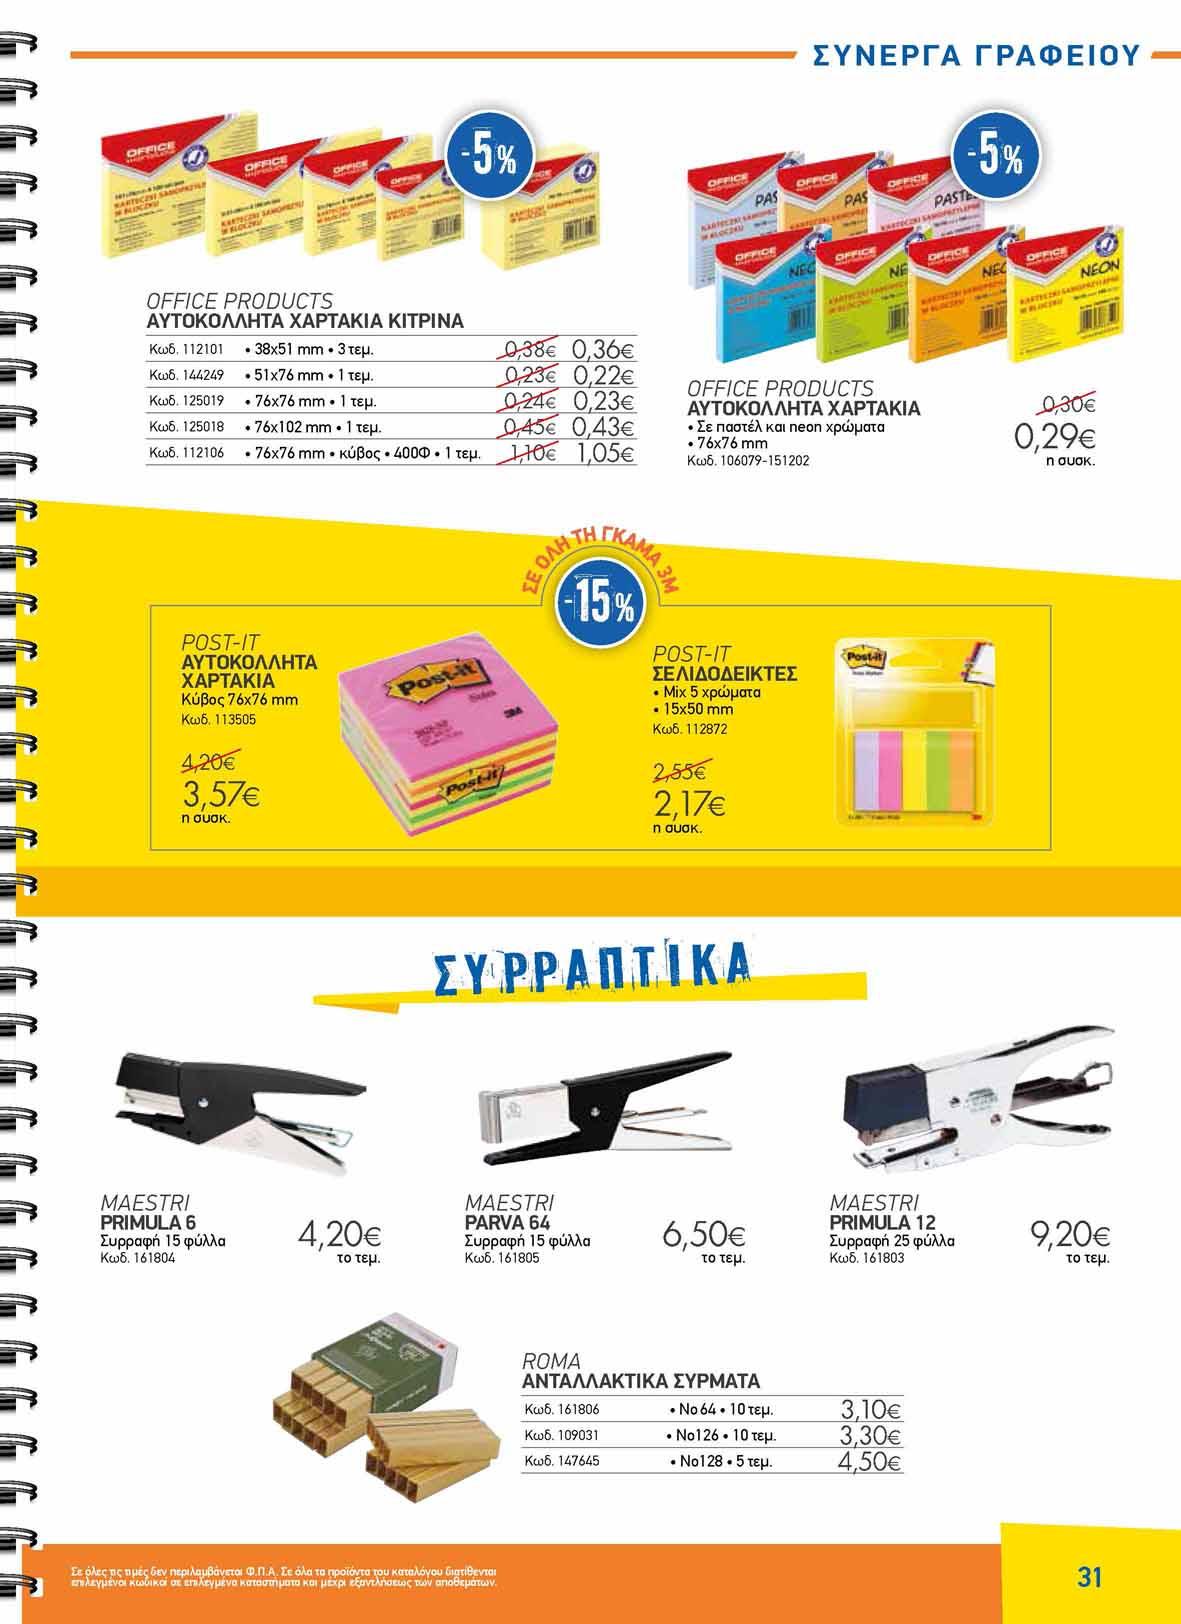 the-mart-sxolika-prosfores-nea-sxoliki-xronia-back2school (31)